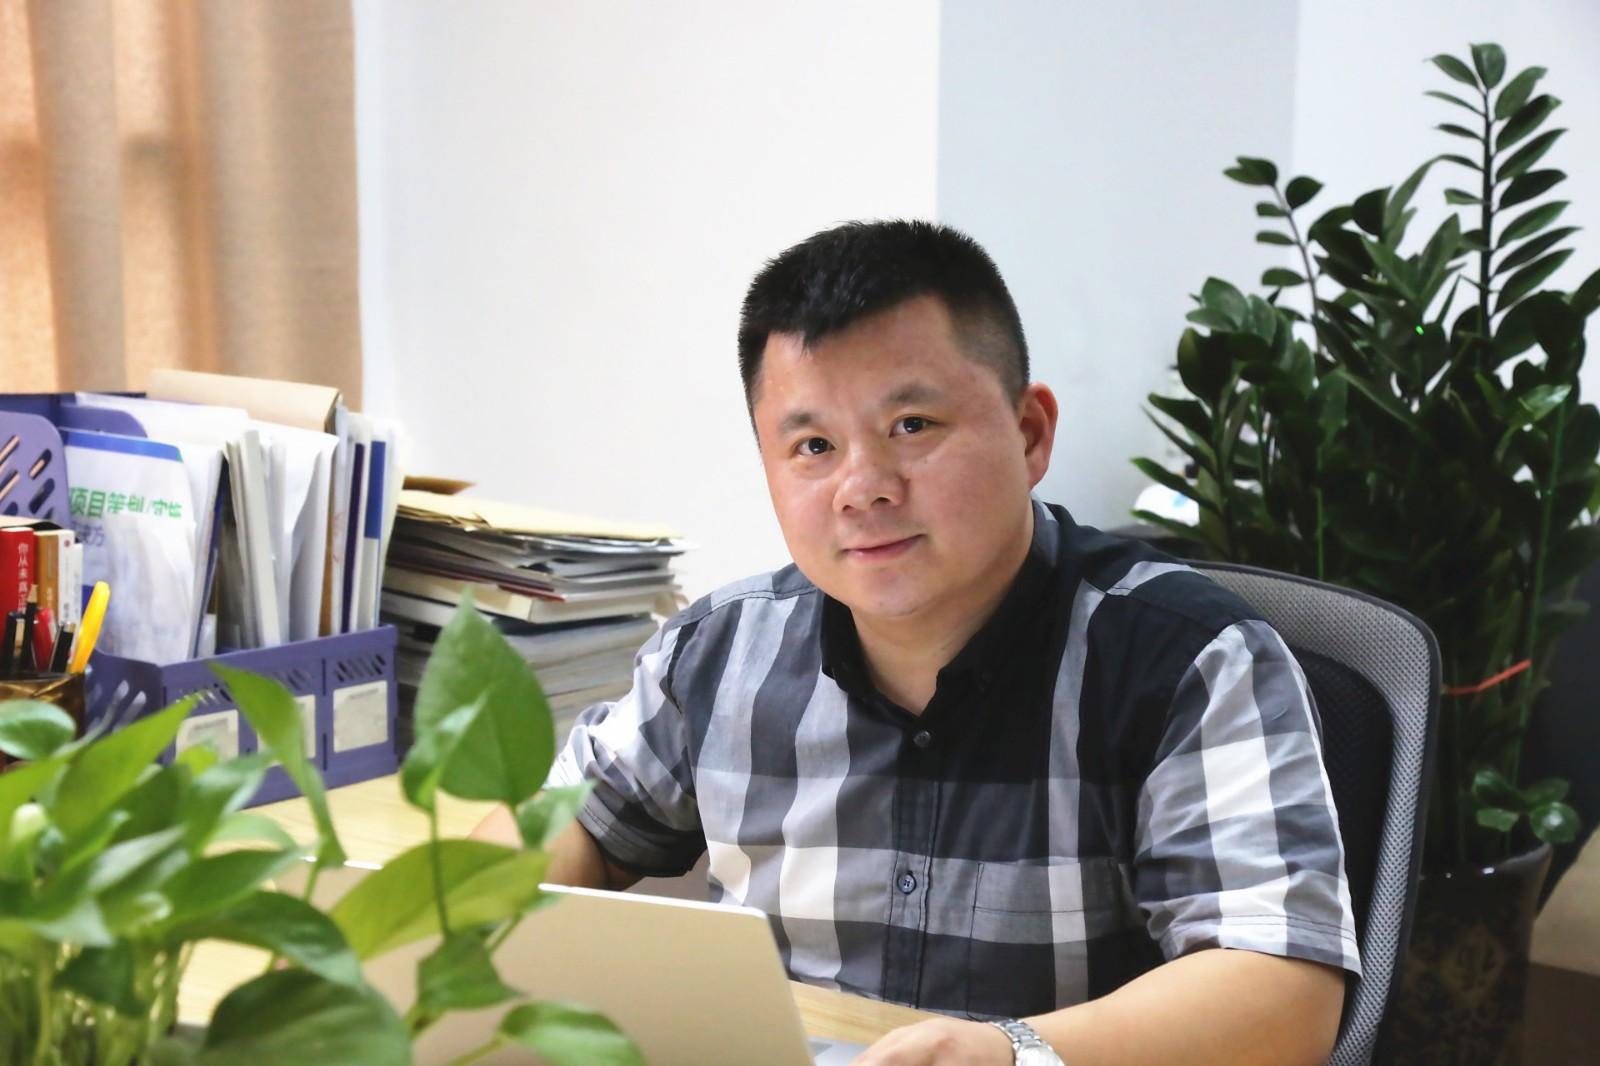 """前华视传媒高管黄钰群出任英迈思集团CEO,英迈思再添""""北航系""""帅才!"""